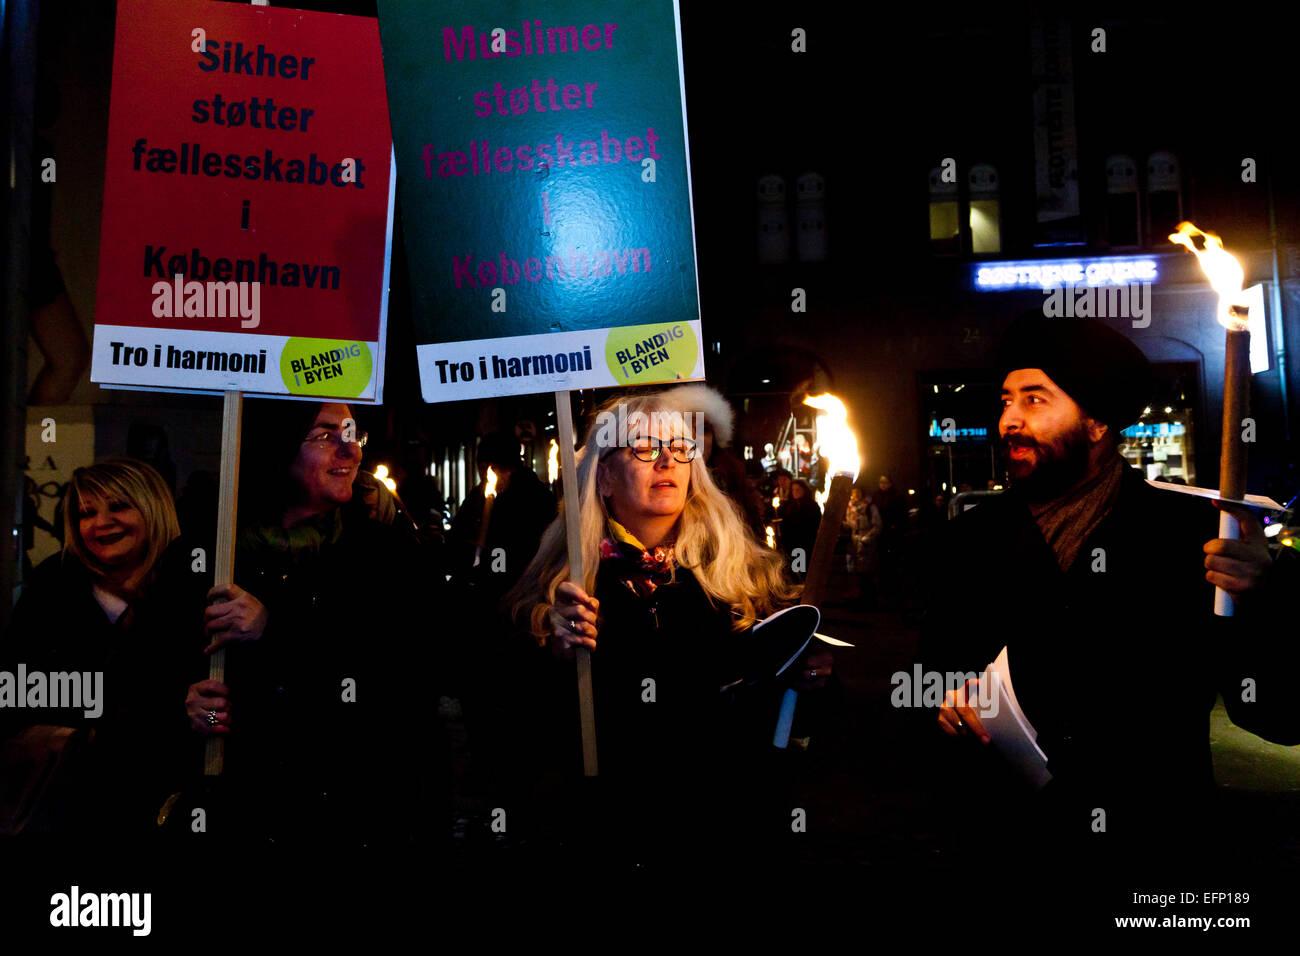 Kopenhagen, Dänemark, 8. Februar 2015: Sikhs, Moslems, Christen und Juden zusammen in einem Fackelzug durch Stockbild